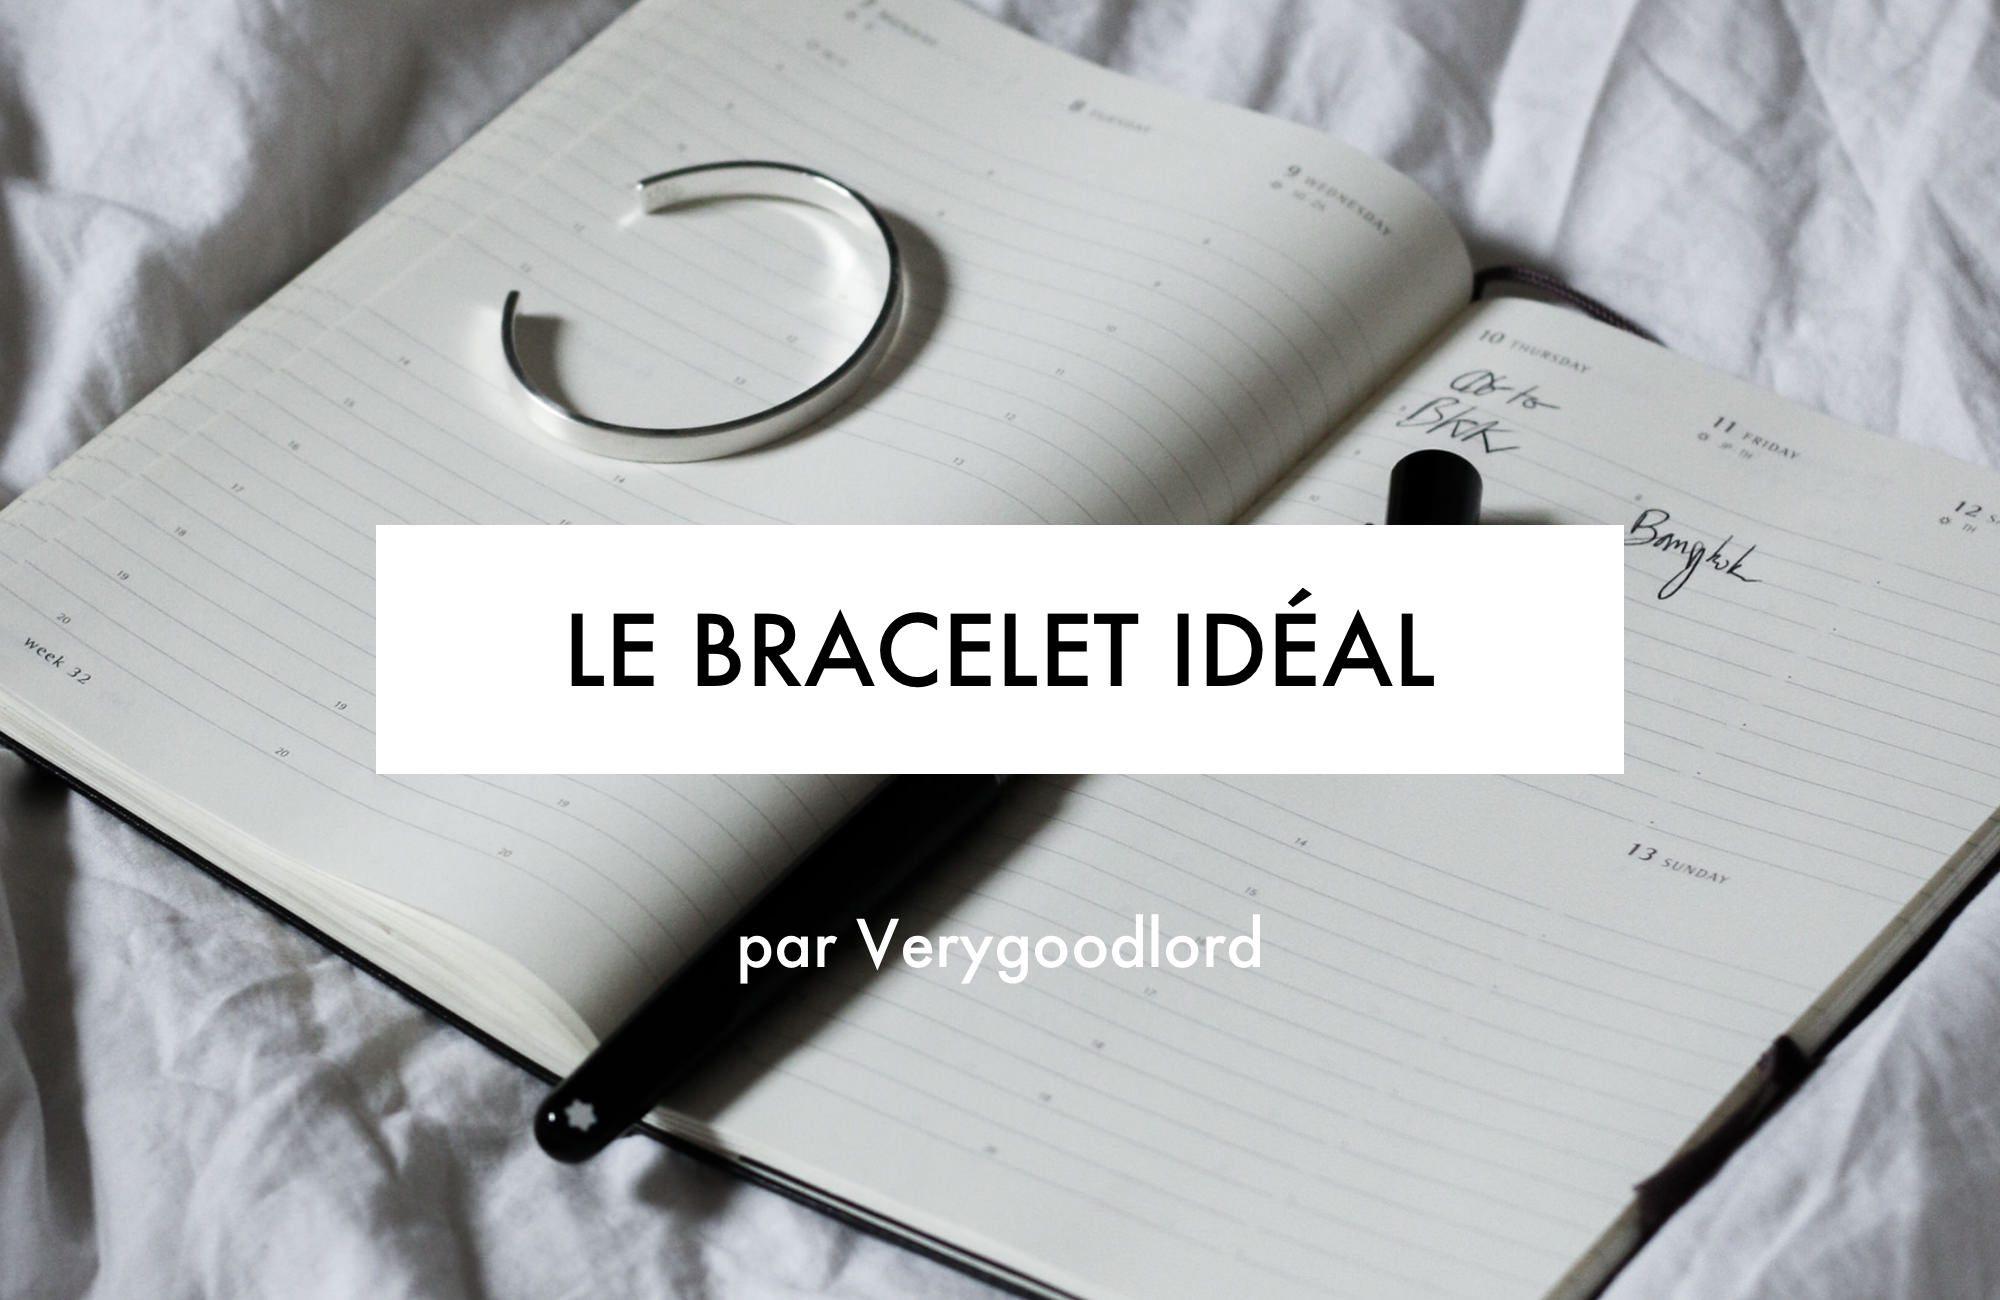 le bracelet ideal pour homme